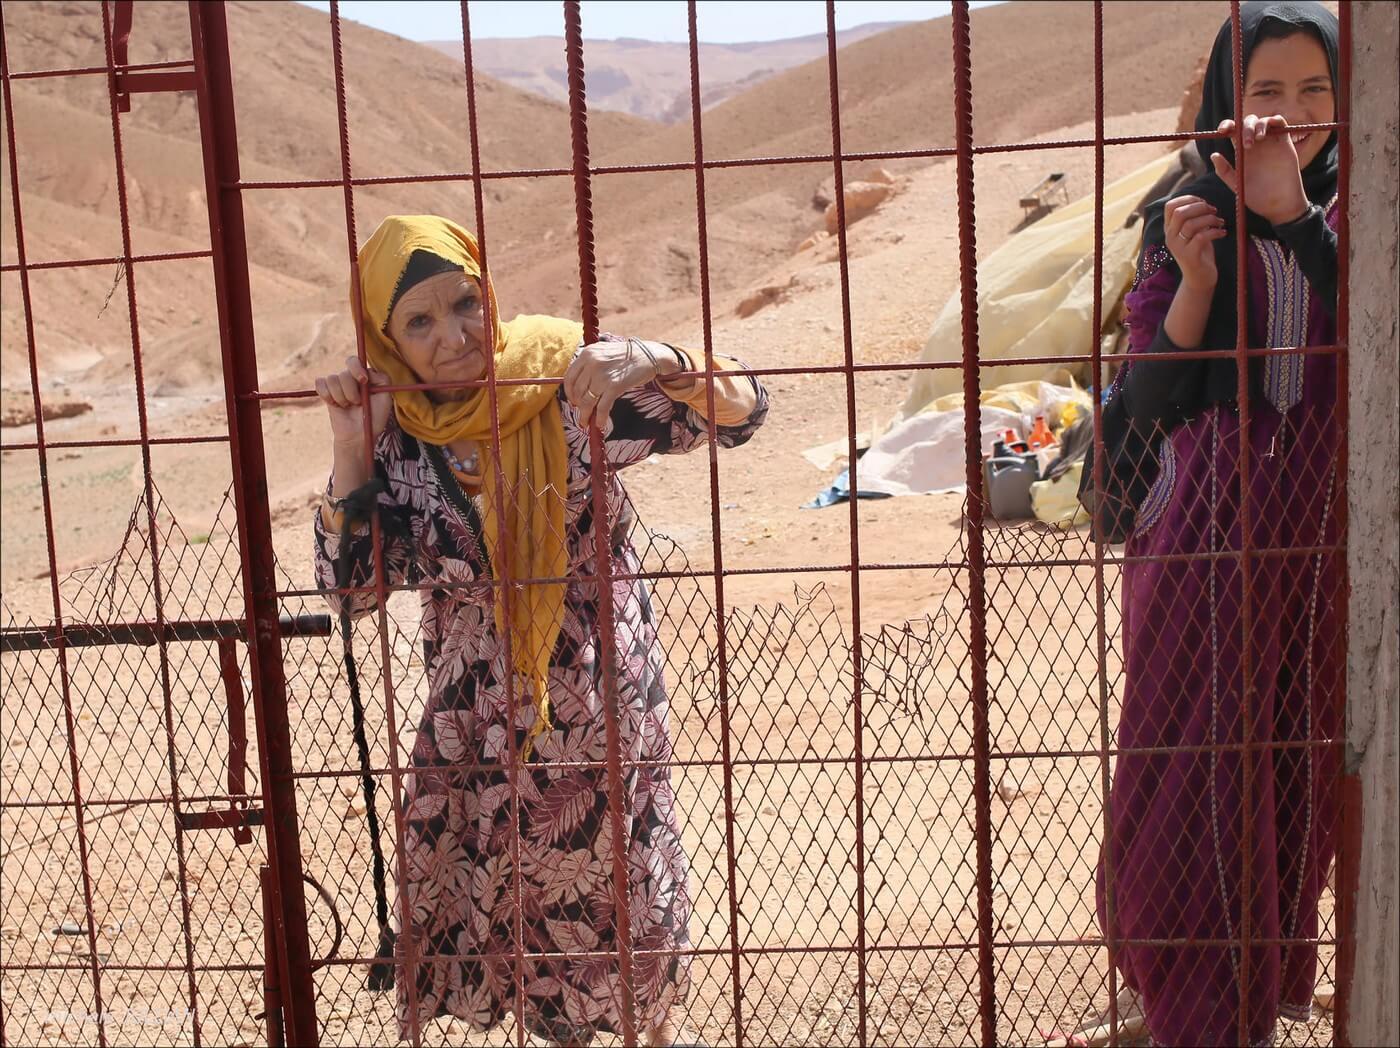 femmes berbères derrières des grilles dans un bivouac au maroc